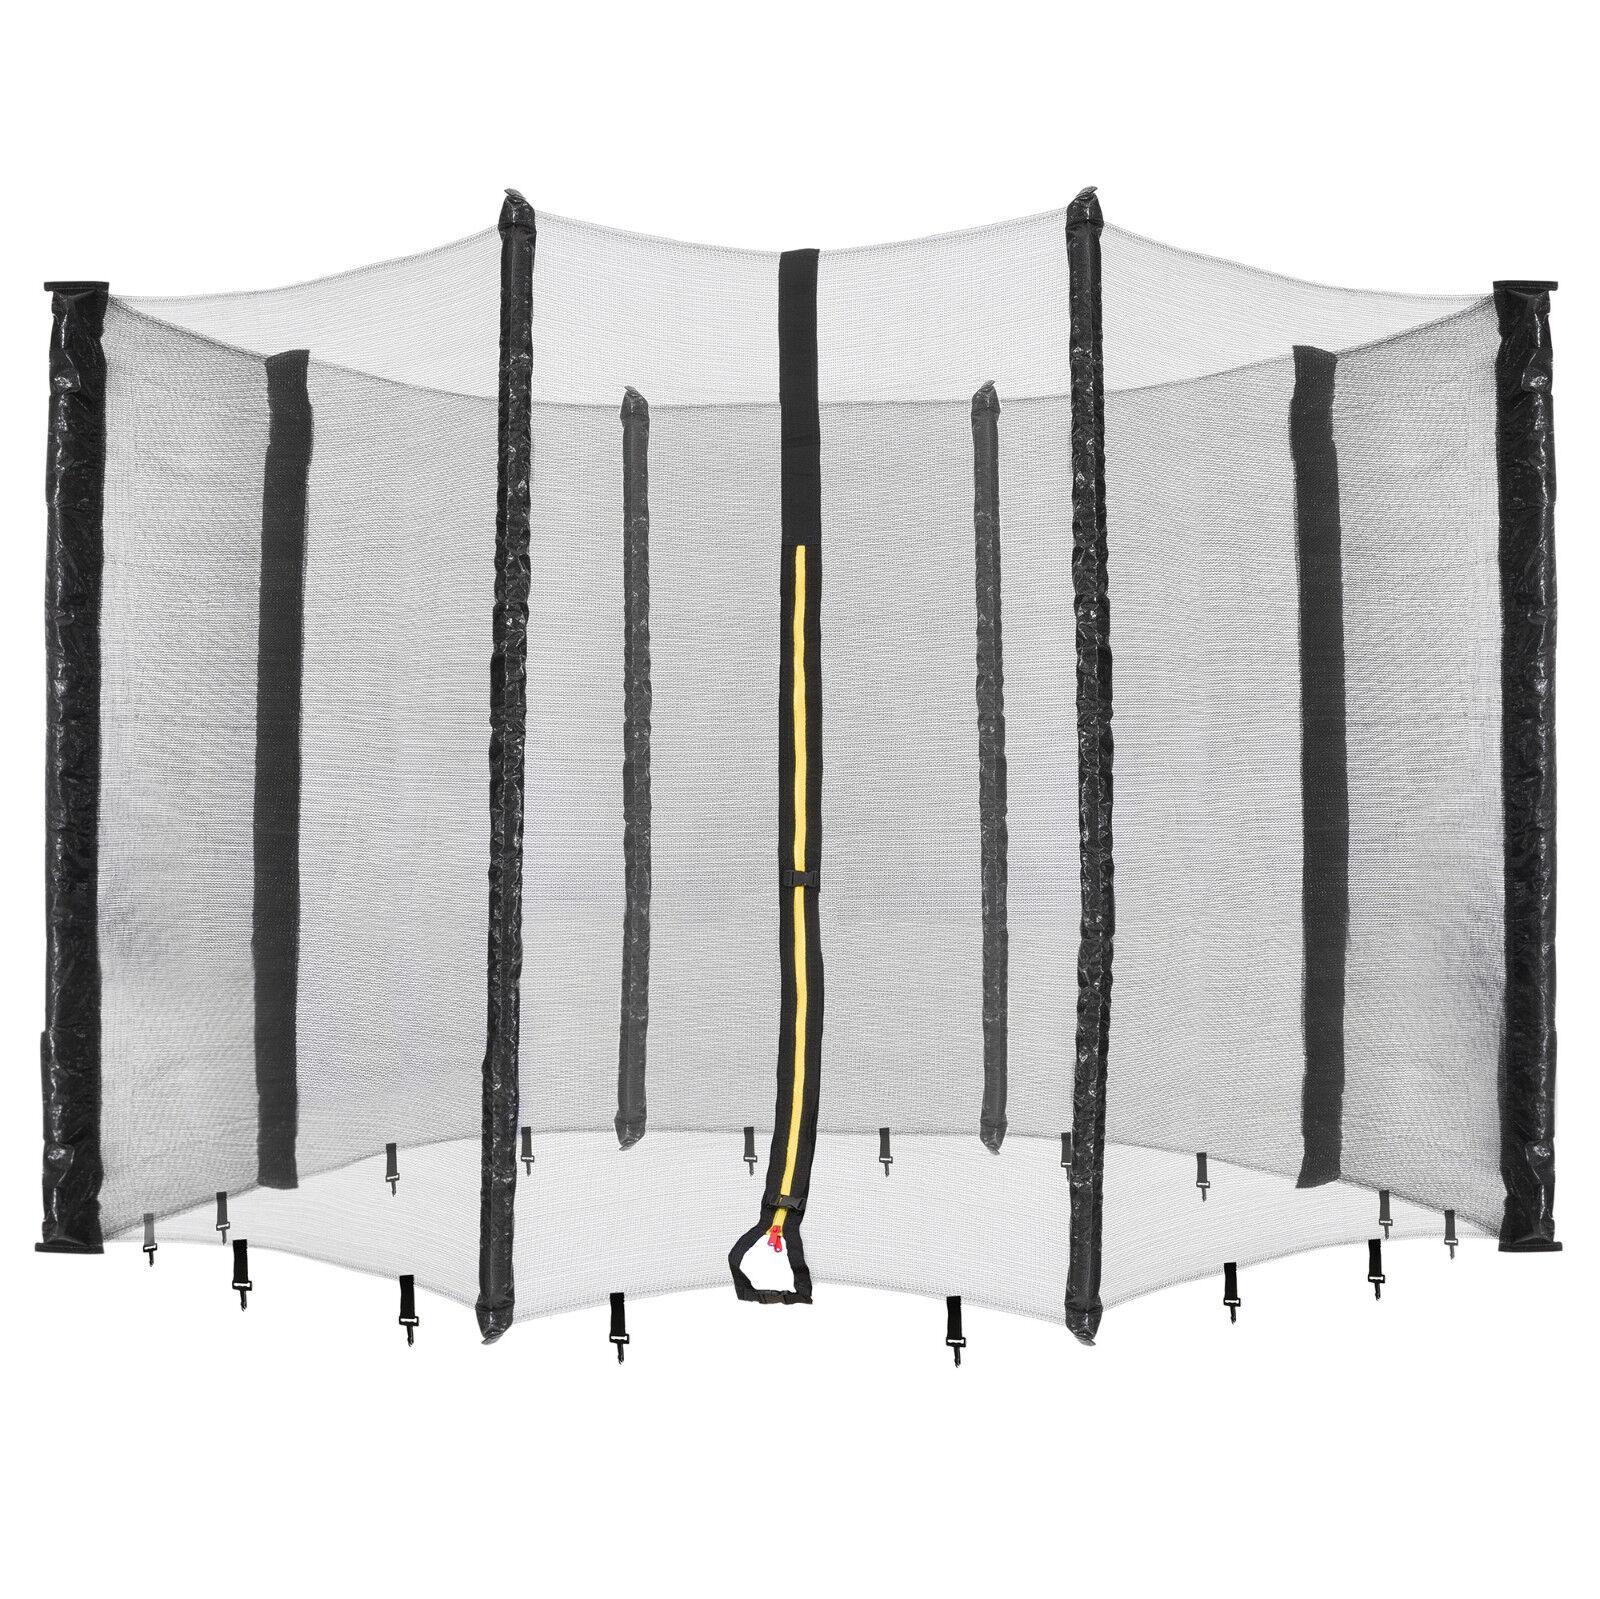 Arebos Trampolin Netz Sicherheitsnetz Fangnetz Schutznetz für 8 Stangen 396 cm